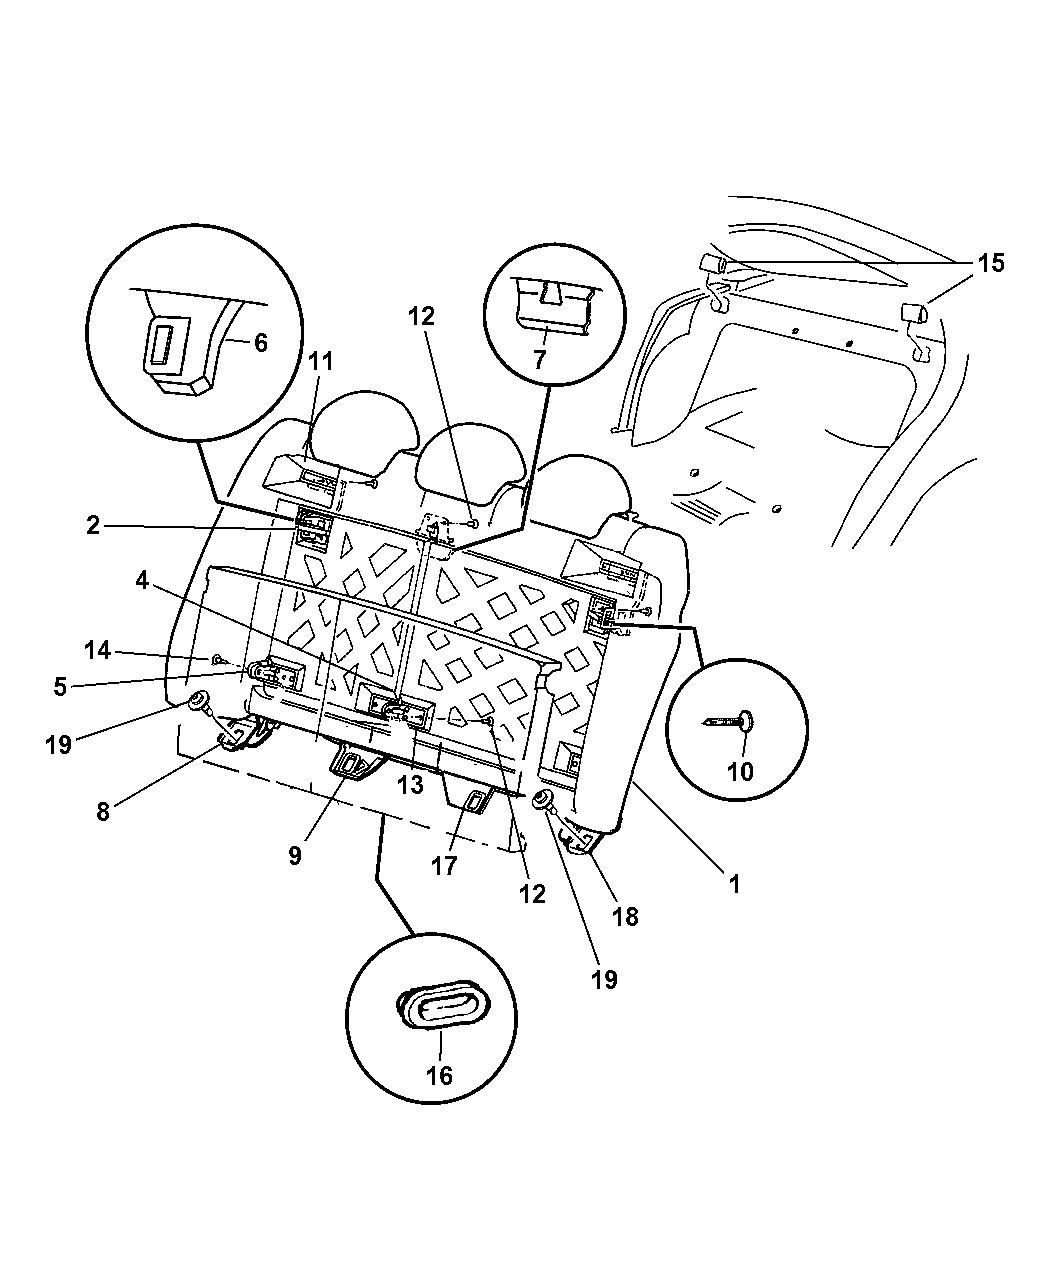 2003 Dodge Neon Rear Seat - Attaching Parts - Mopar Parts Giant